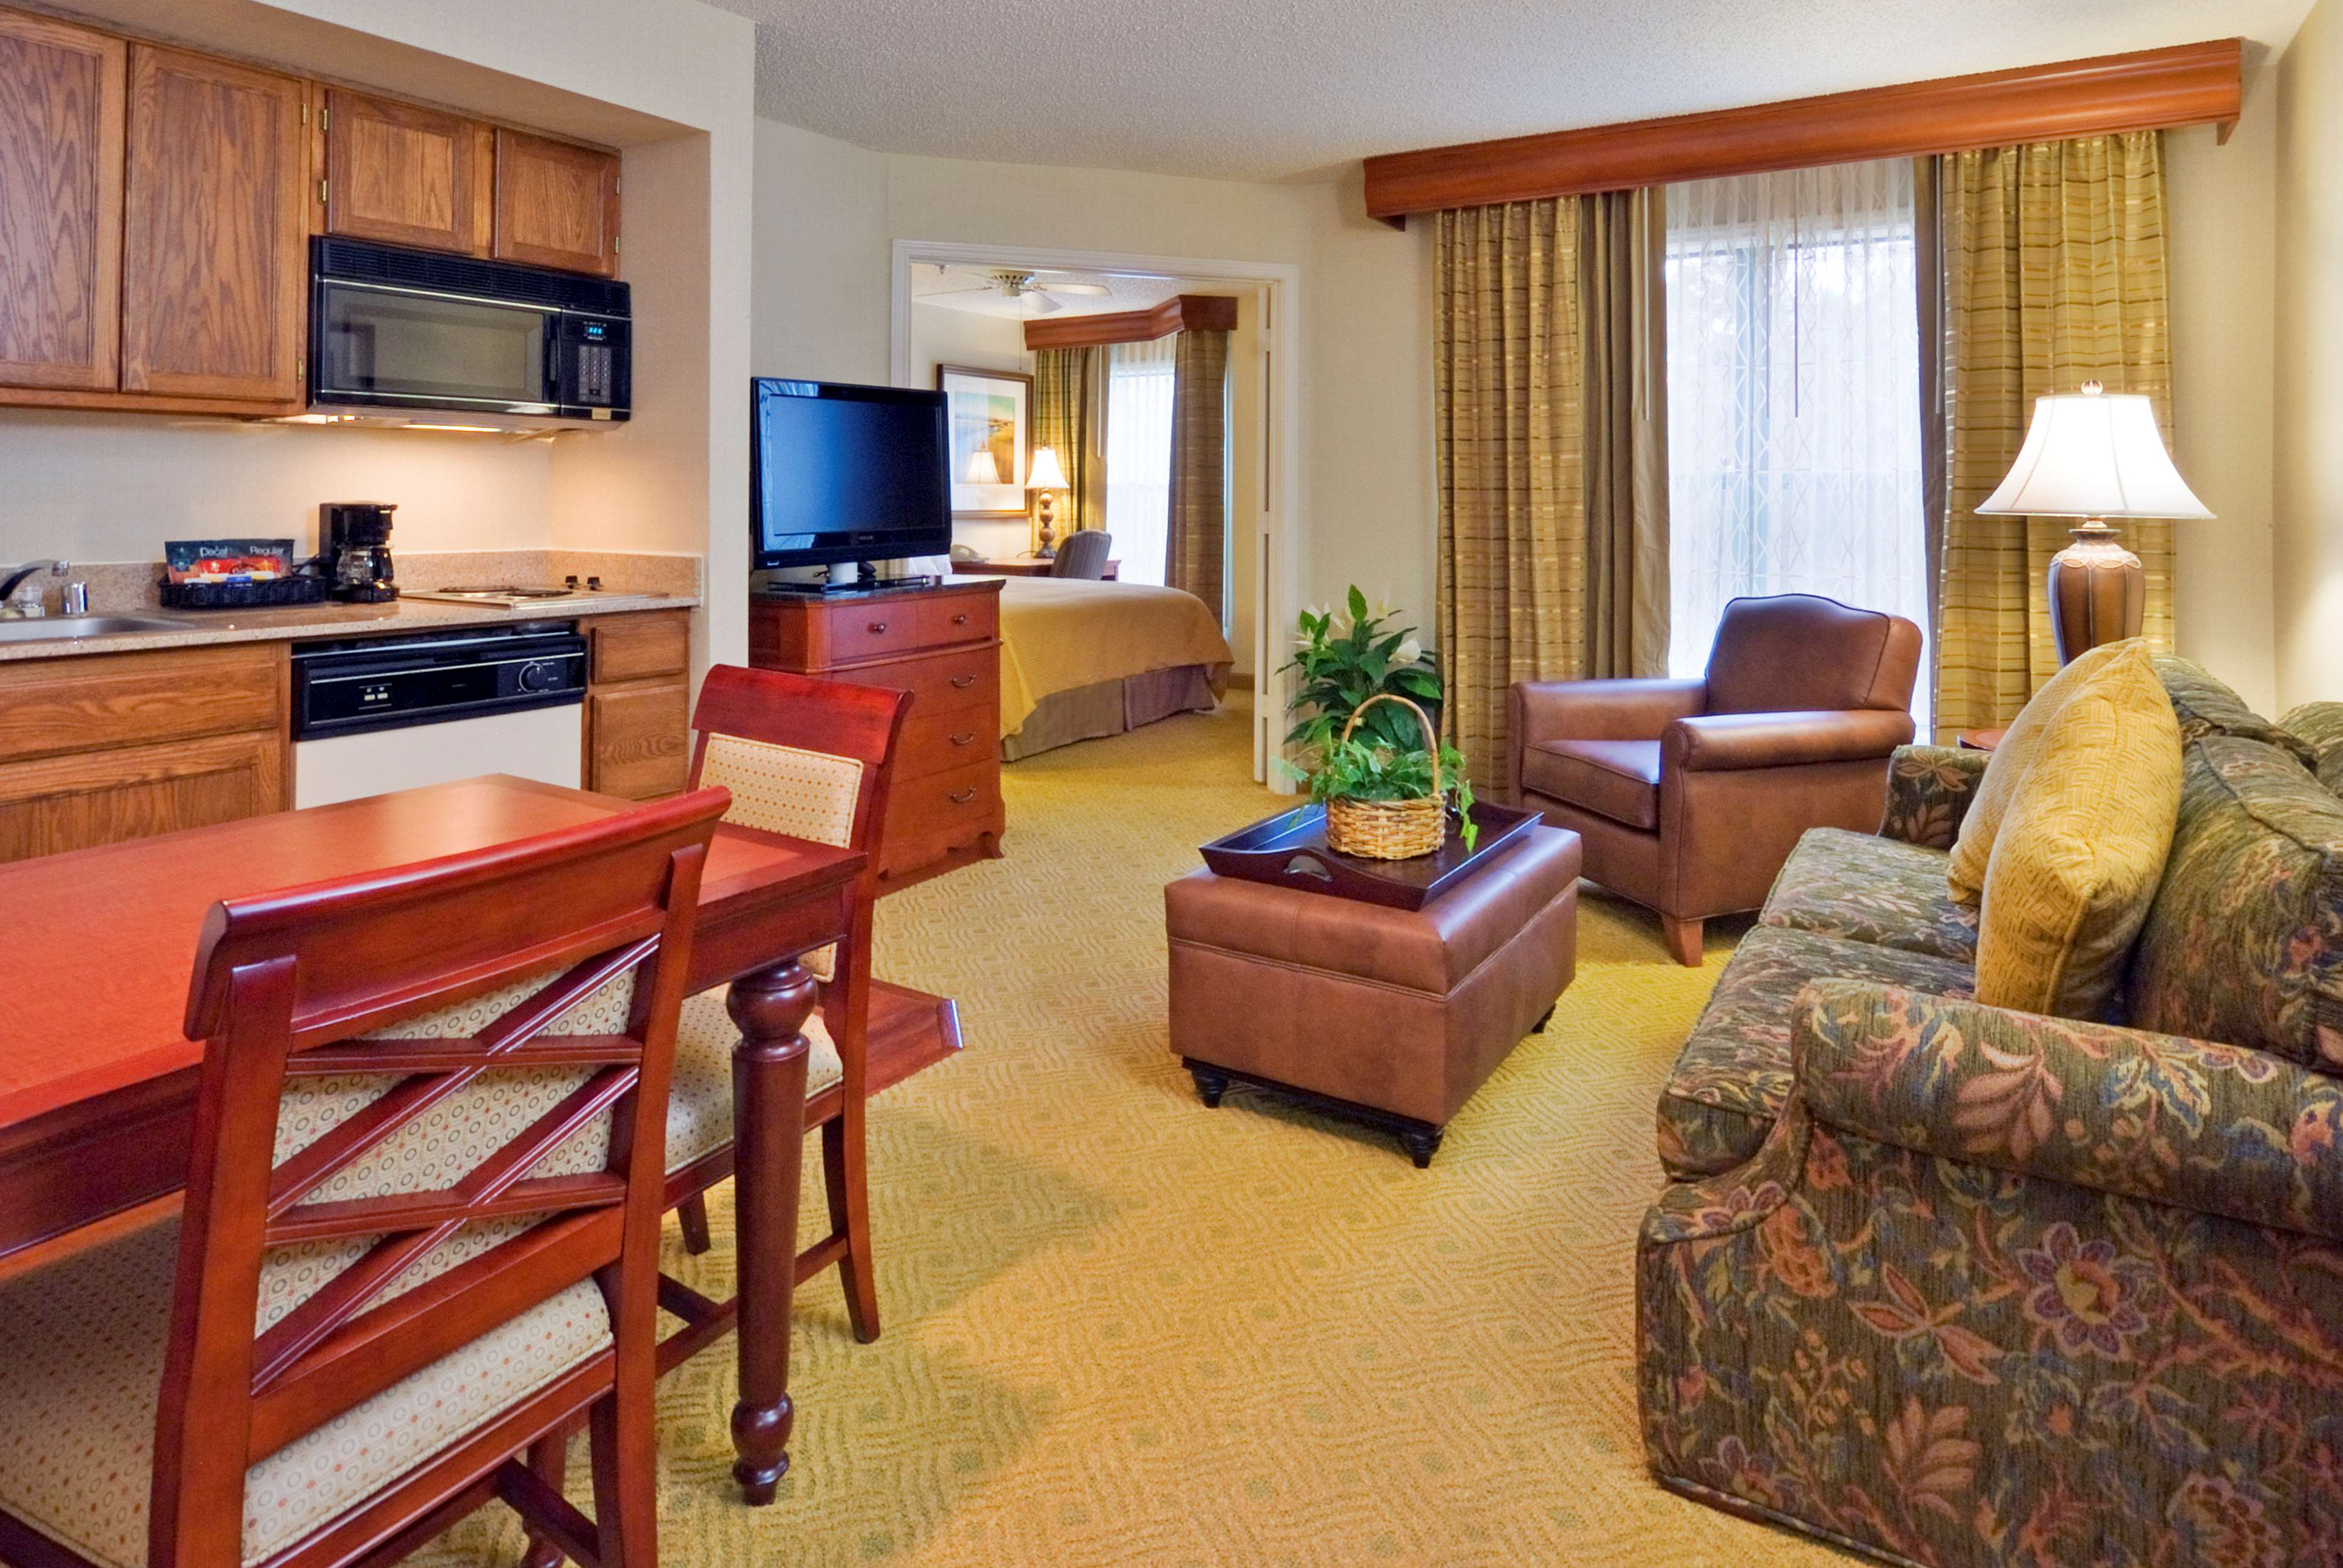 Homewood Suites by Hilton - Boulder image 17